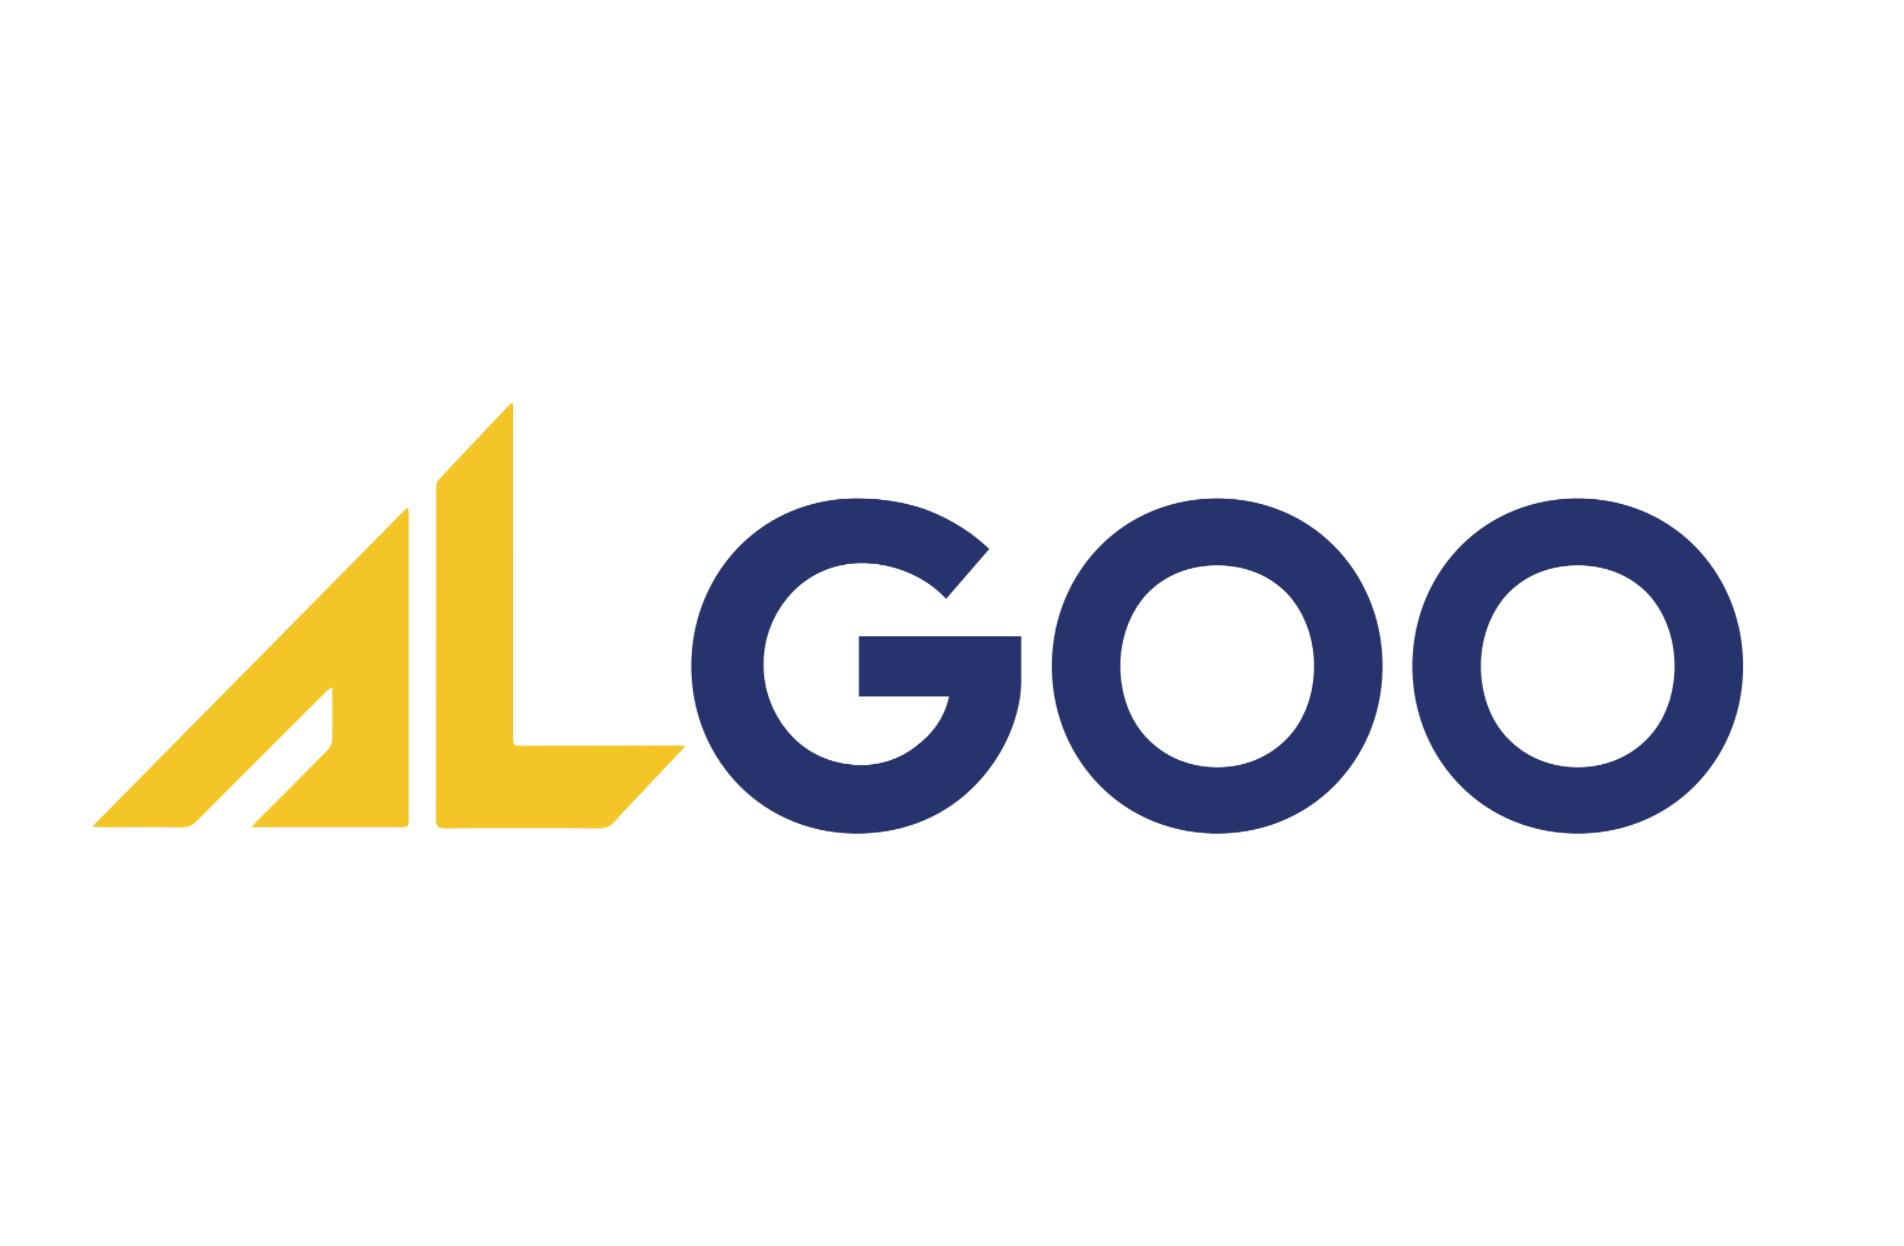 ALgoo Store